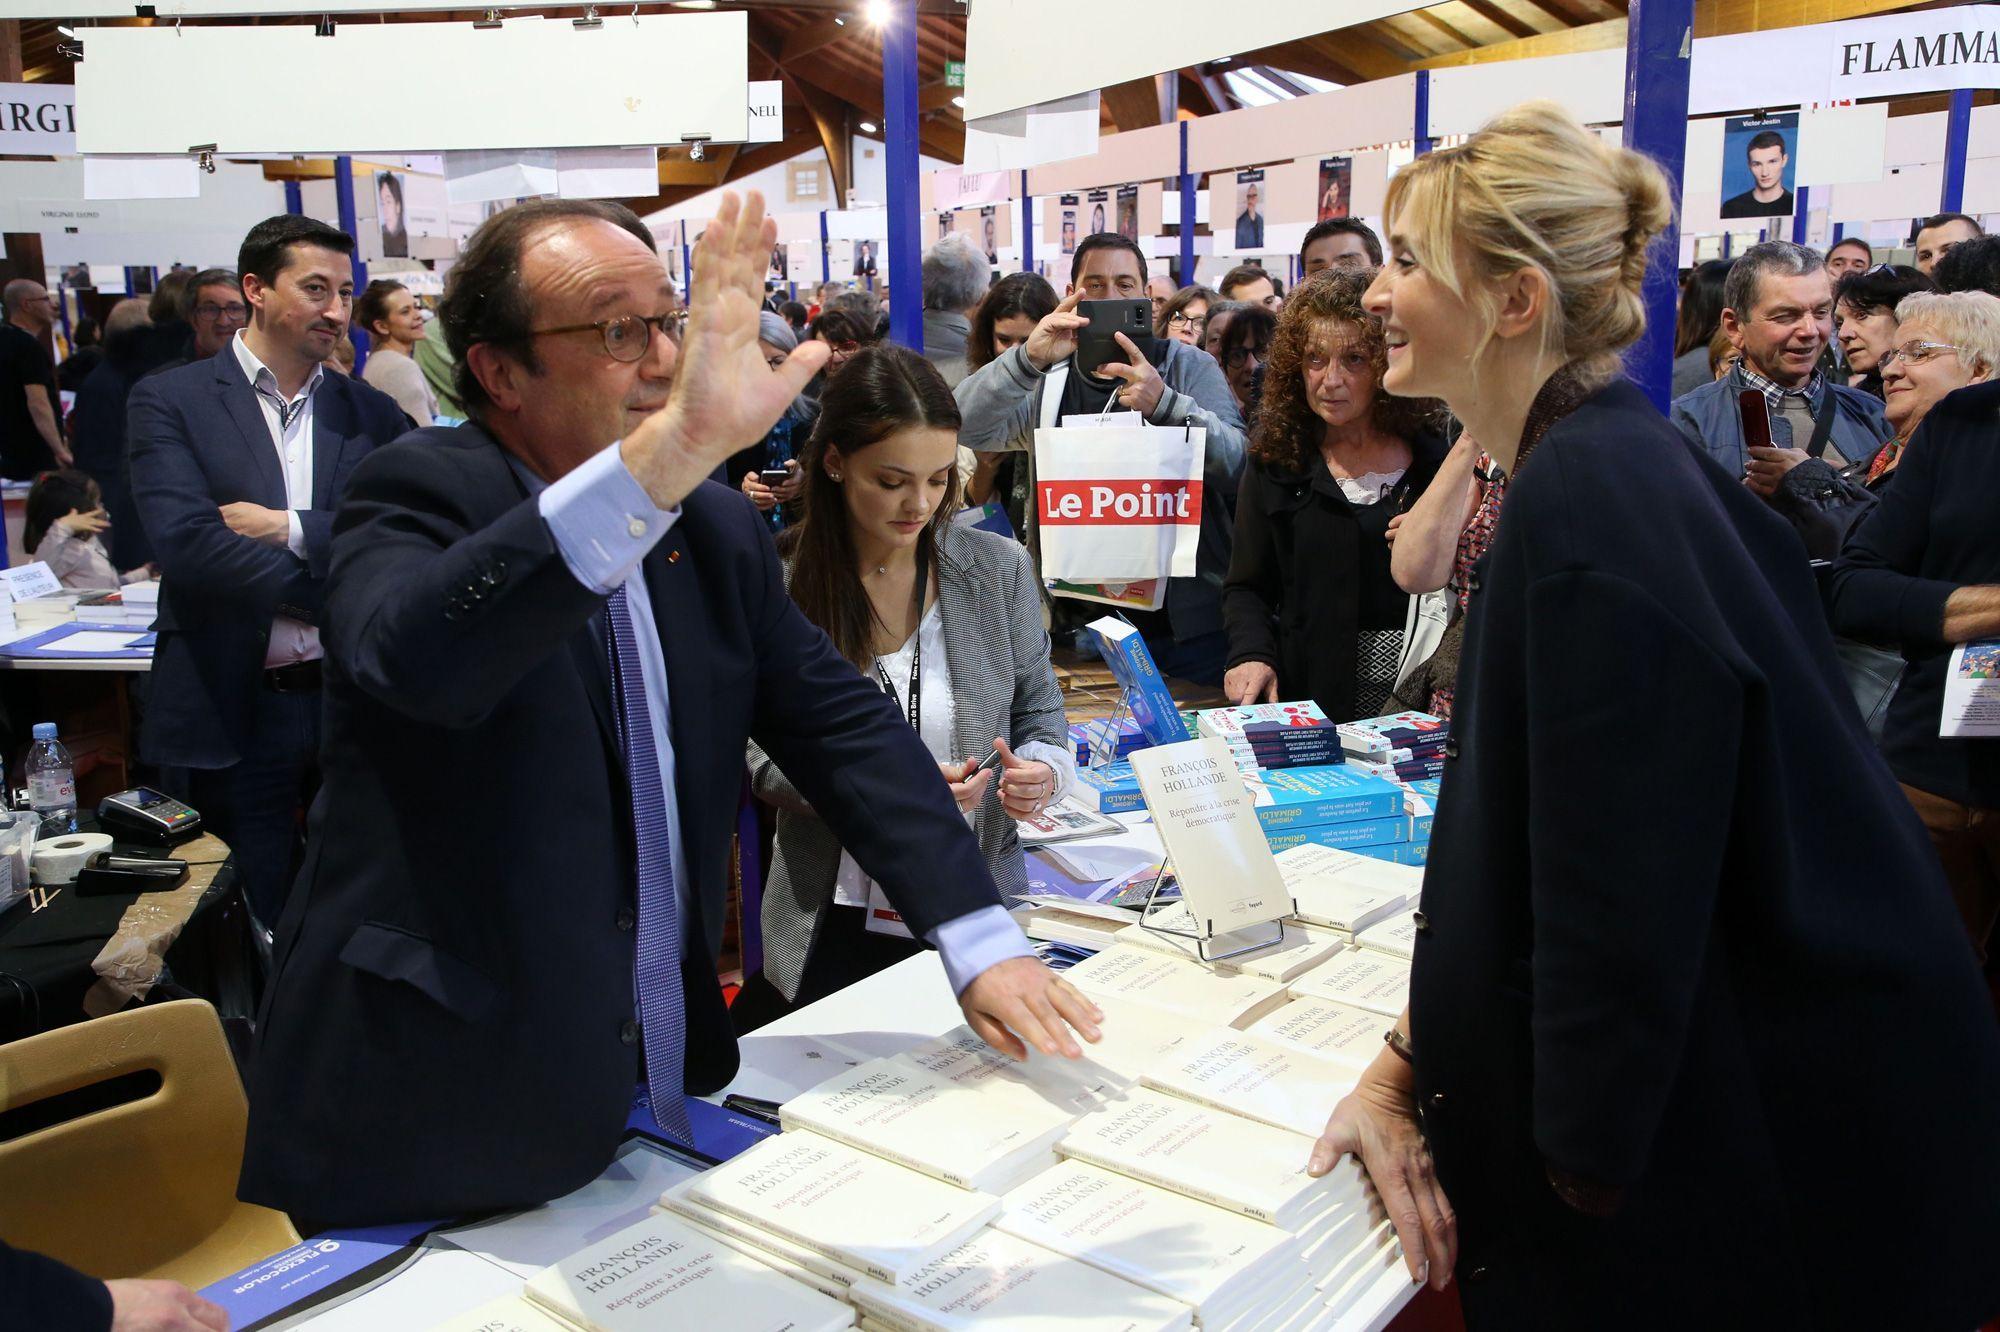 François Hollande et Julie Gayet, complices à la foire du livre de Brive